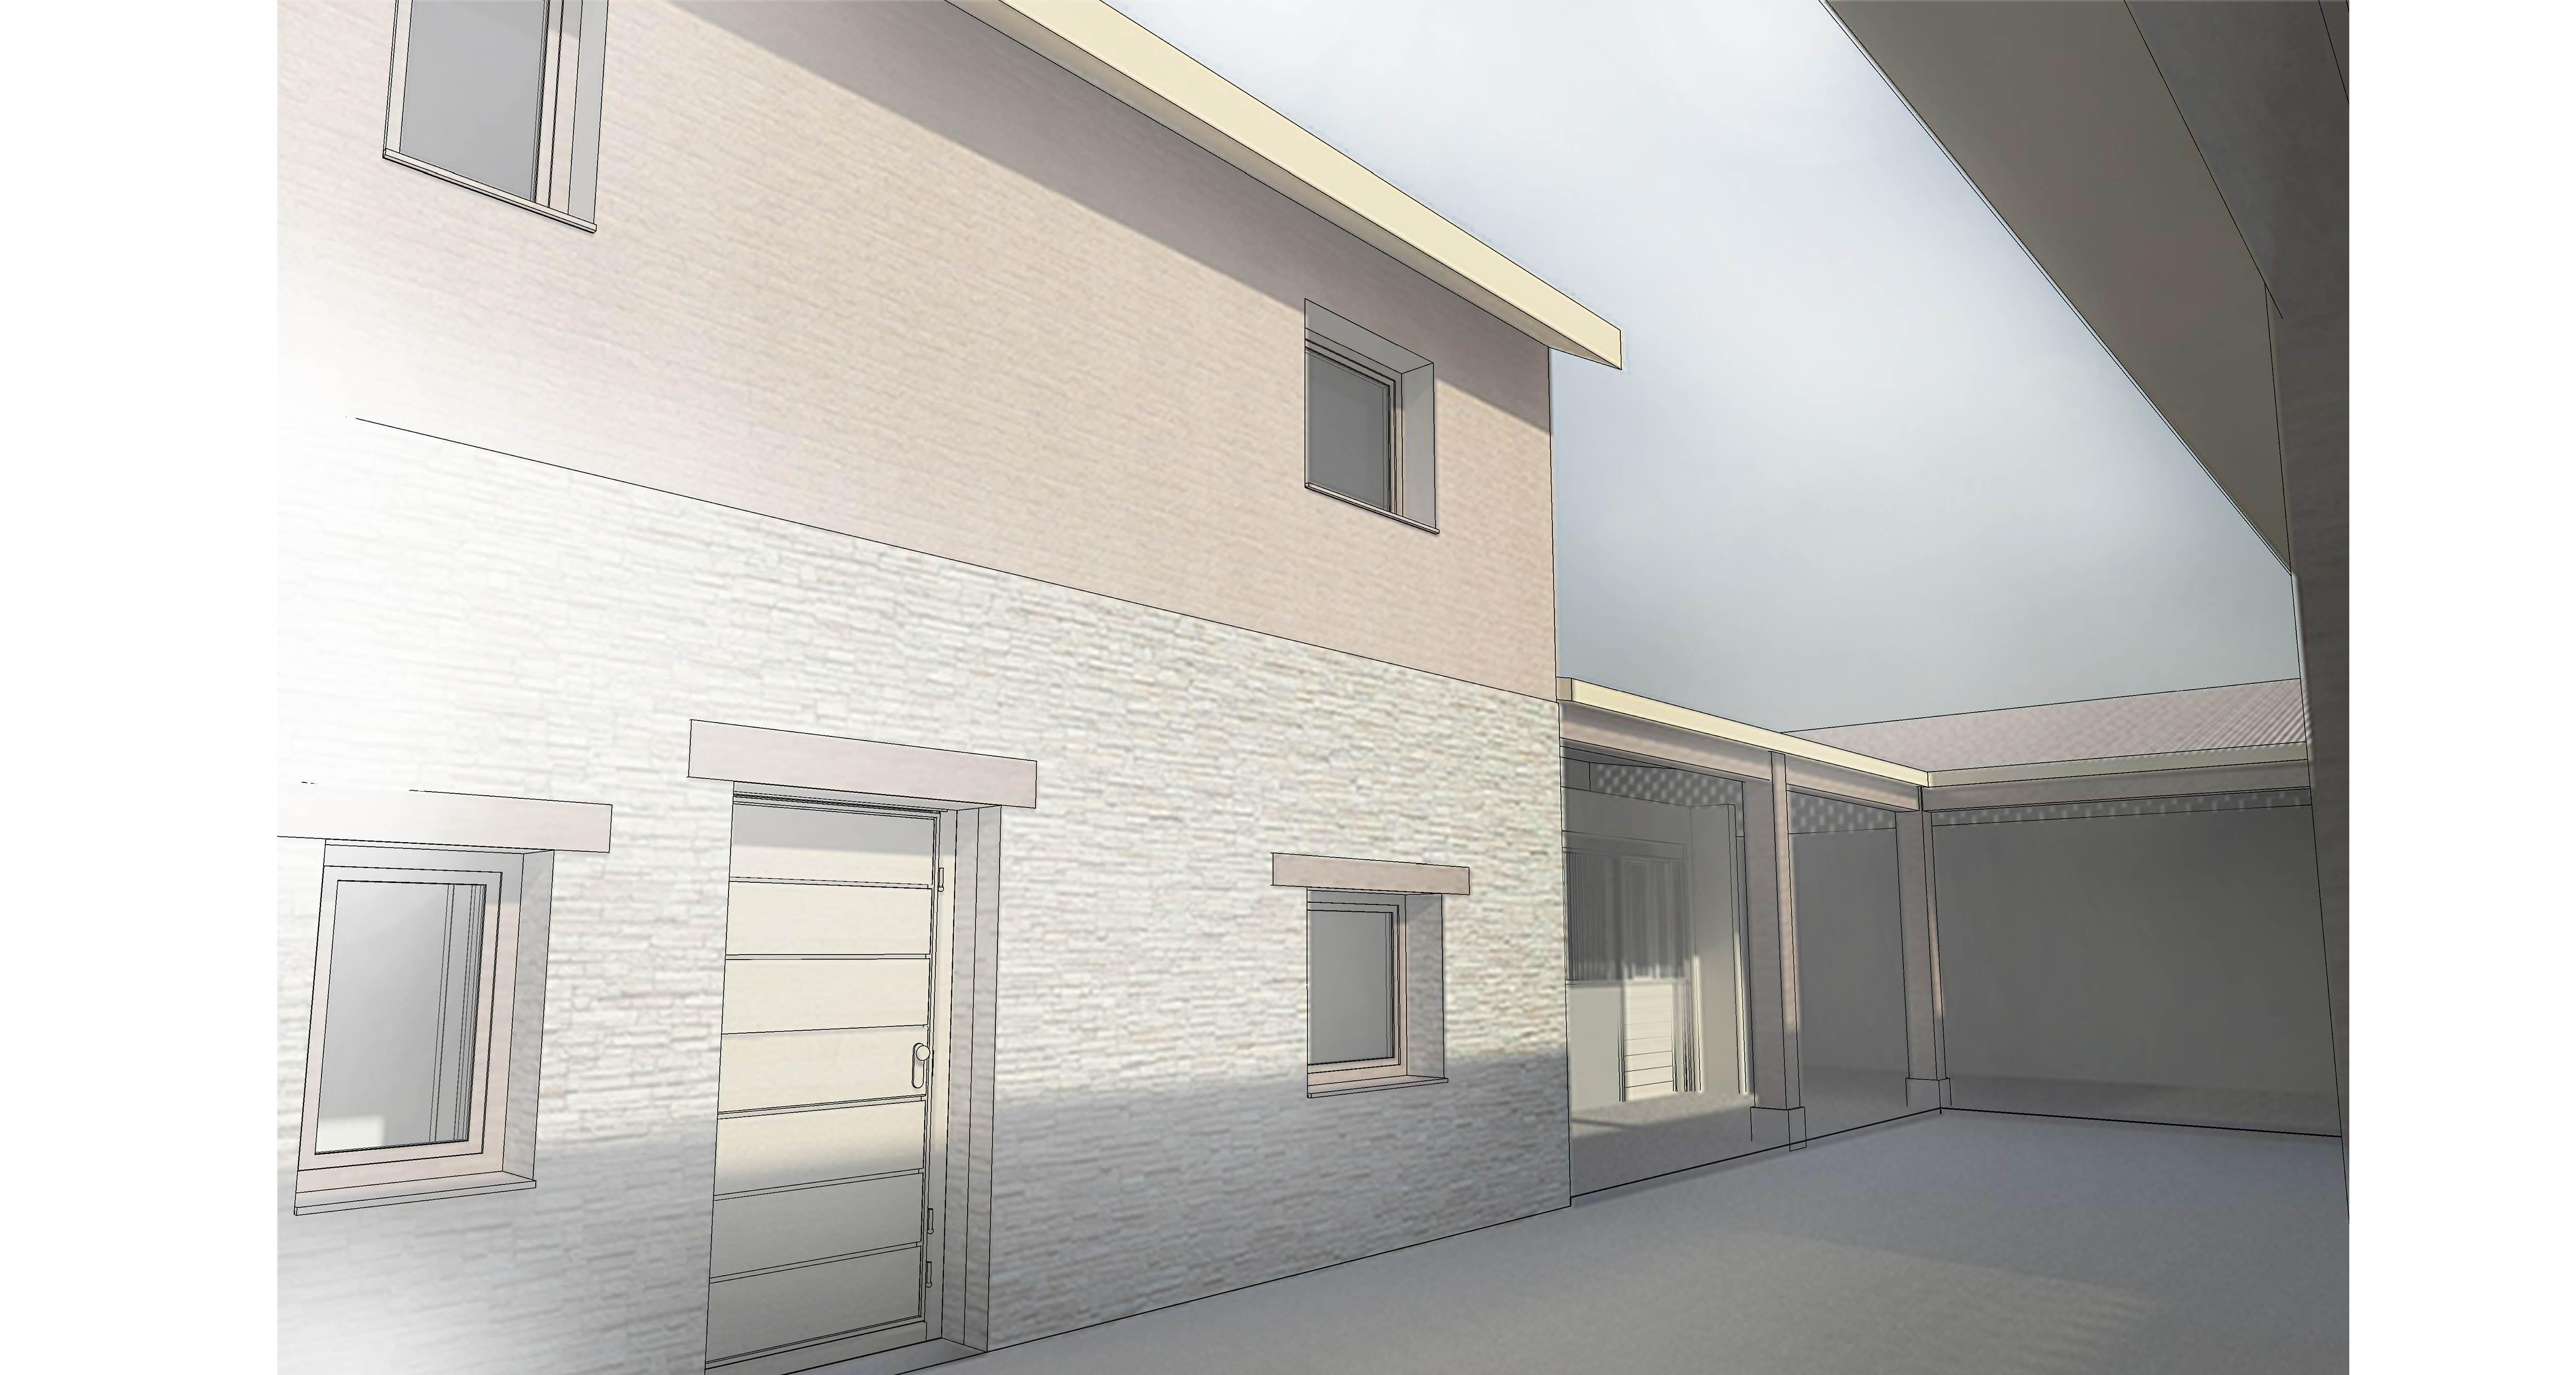 vista exterior - patio, cuadras  y acceso a la vivienda